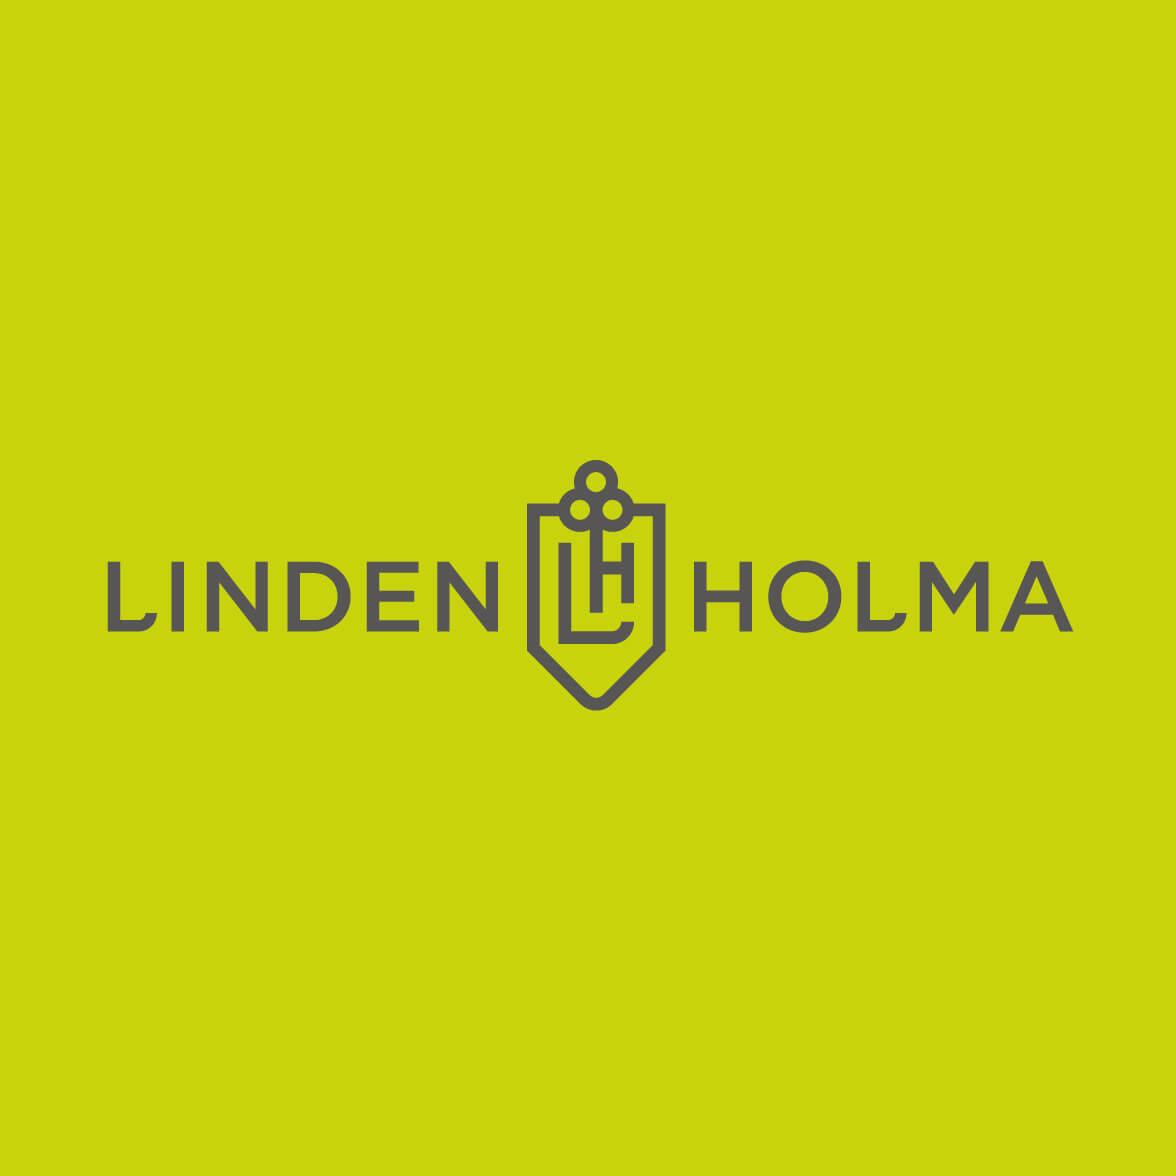 Lindenholma - identity